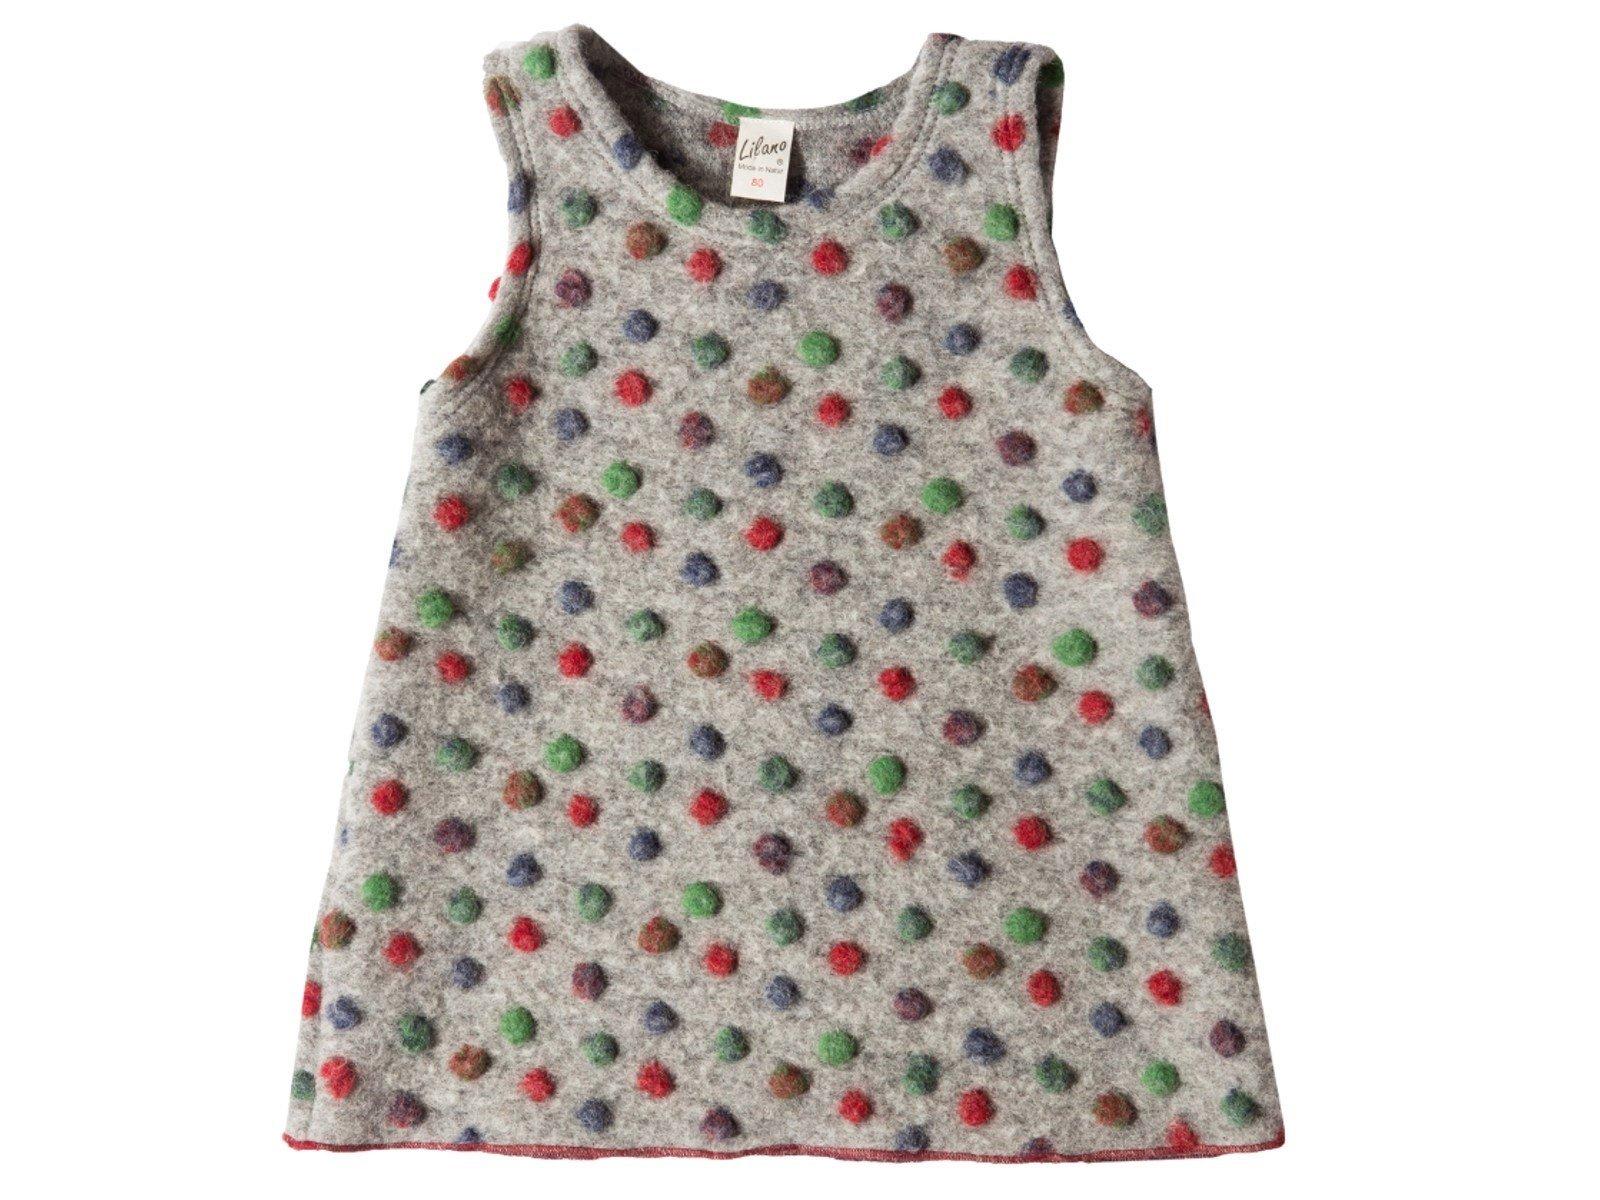 Wollfilz Kleid mit bunten Punkten von Lilano